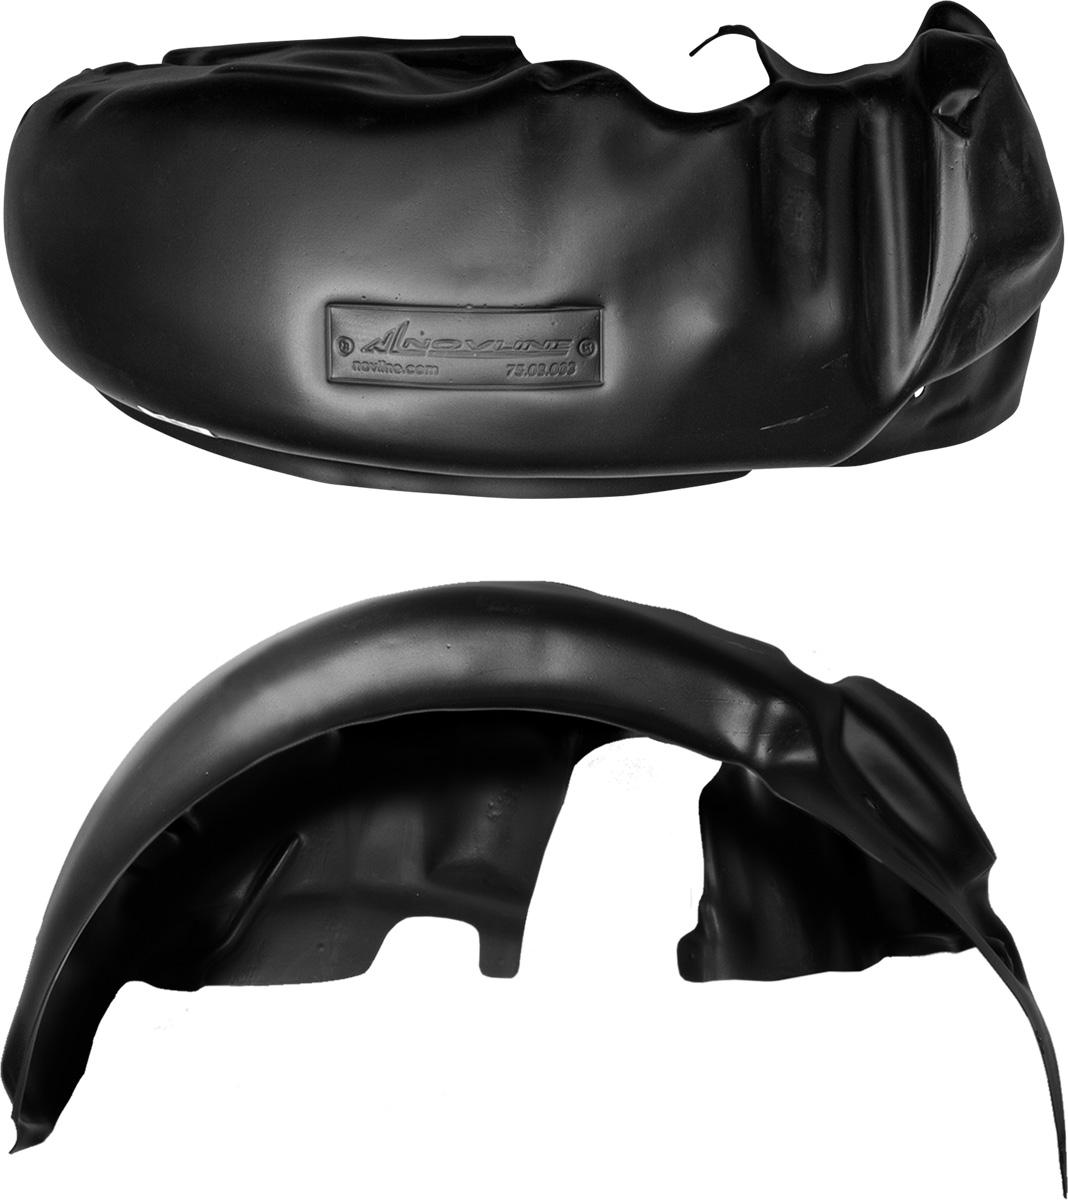 Подкрылок RENAULT Sandero, 01/2014->, задний правый1004900000360Колесные ниши – одни из самых уязвимых зон днища вашего автомобиля. Они постоянно подвергаются воздействию со стороны дороги. Лучшая, почти абсолютная защита для них - специально отформованные пластиковые кожухи, которые называются подкрылками, или локерами. Производятся они как для отечественных моделей автомобилей, так и для иномарок. Подкрылки выполнены из высококачественного, экологически чистого пластика. Обеспечивают надежную защиту кузова автомобиля от пескоструйного эффекта и негативного влияния, агрессивных антигололедных реагентов. Пластик обладает более низкой теплопроводностью, чем металл, поэтому в зимний период эксплуатации использование пластиковых подкрылков позволяет лучше защитить колесные ниши от налипания снега и образования наледи. Оригинальность конструкции подчеркивает элегантность автомобиля, бережно защищает нанесенное на днище кузова антикоррозийное покрытие и позволяет осуществить крепление подкрылков внутри колесной арки практически без дополнительного крепежа и сверления, не нарушая при этом лакокрасочного покрытия, что предотвращает возникновение новых очагов коррозии. Технология крепления подкрылков на иномарки принципиально отличается от крепления на российские автомобили и разрабатывается индивидуально для каждой модели автомобиля. Подкрылки долговечны, обладают высокой прочностью и сохраняют заданную форму, а также все свои физико-механические характеристики в самых тяжелых климатических условиях ( от -50° С до + 50° С).